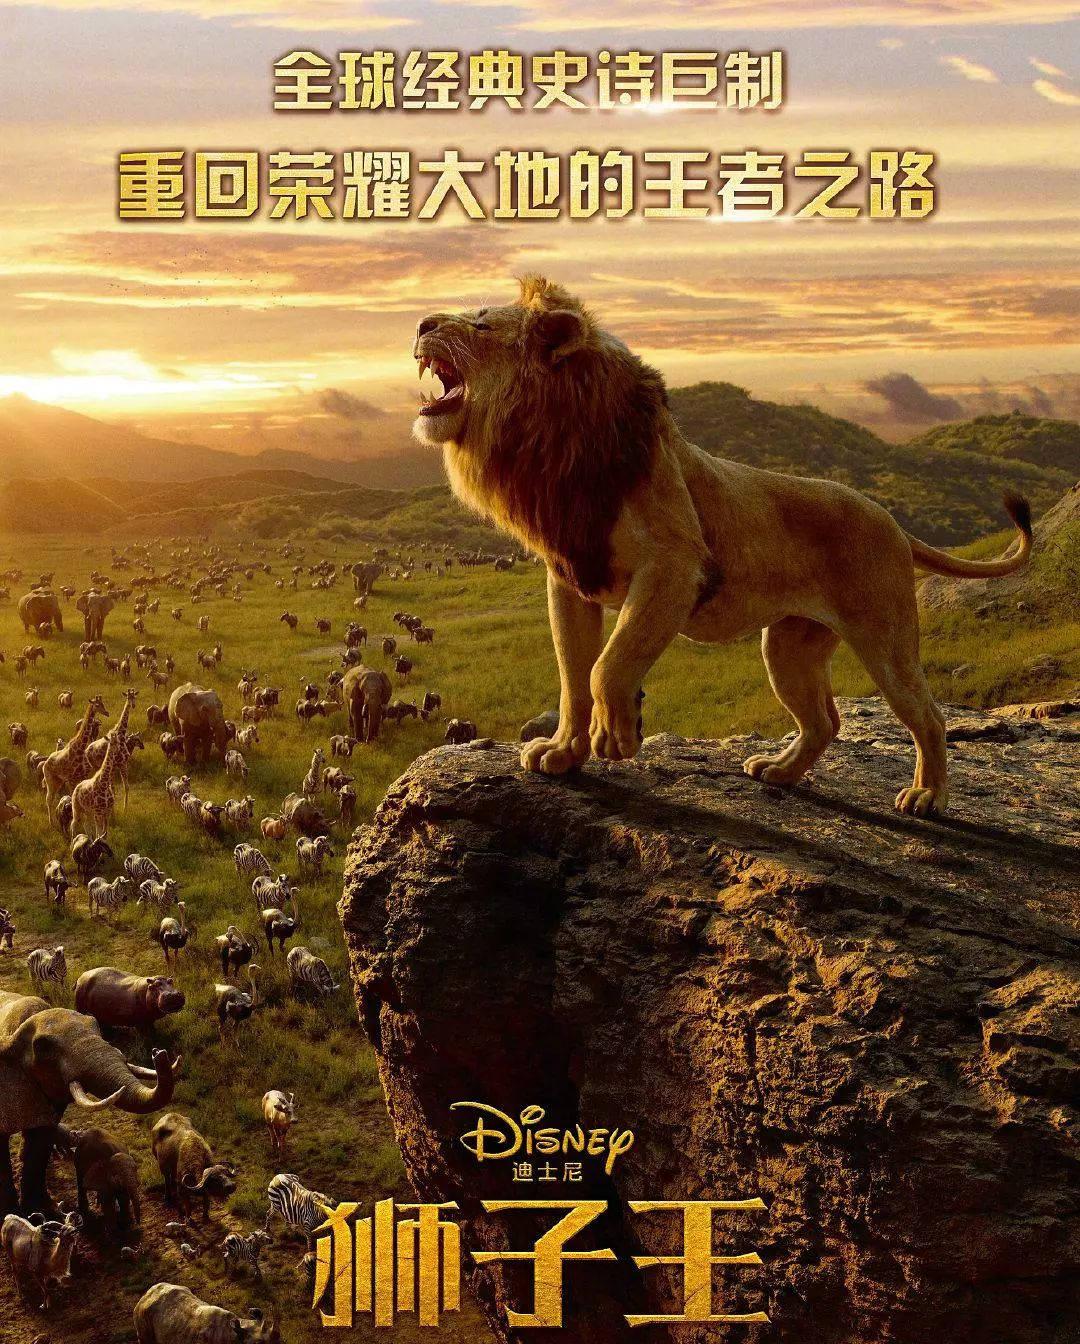 2019年版《狮子王》电影续集将出